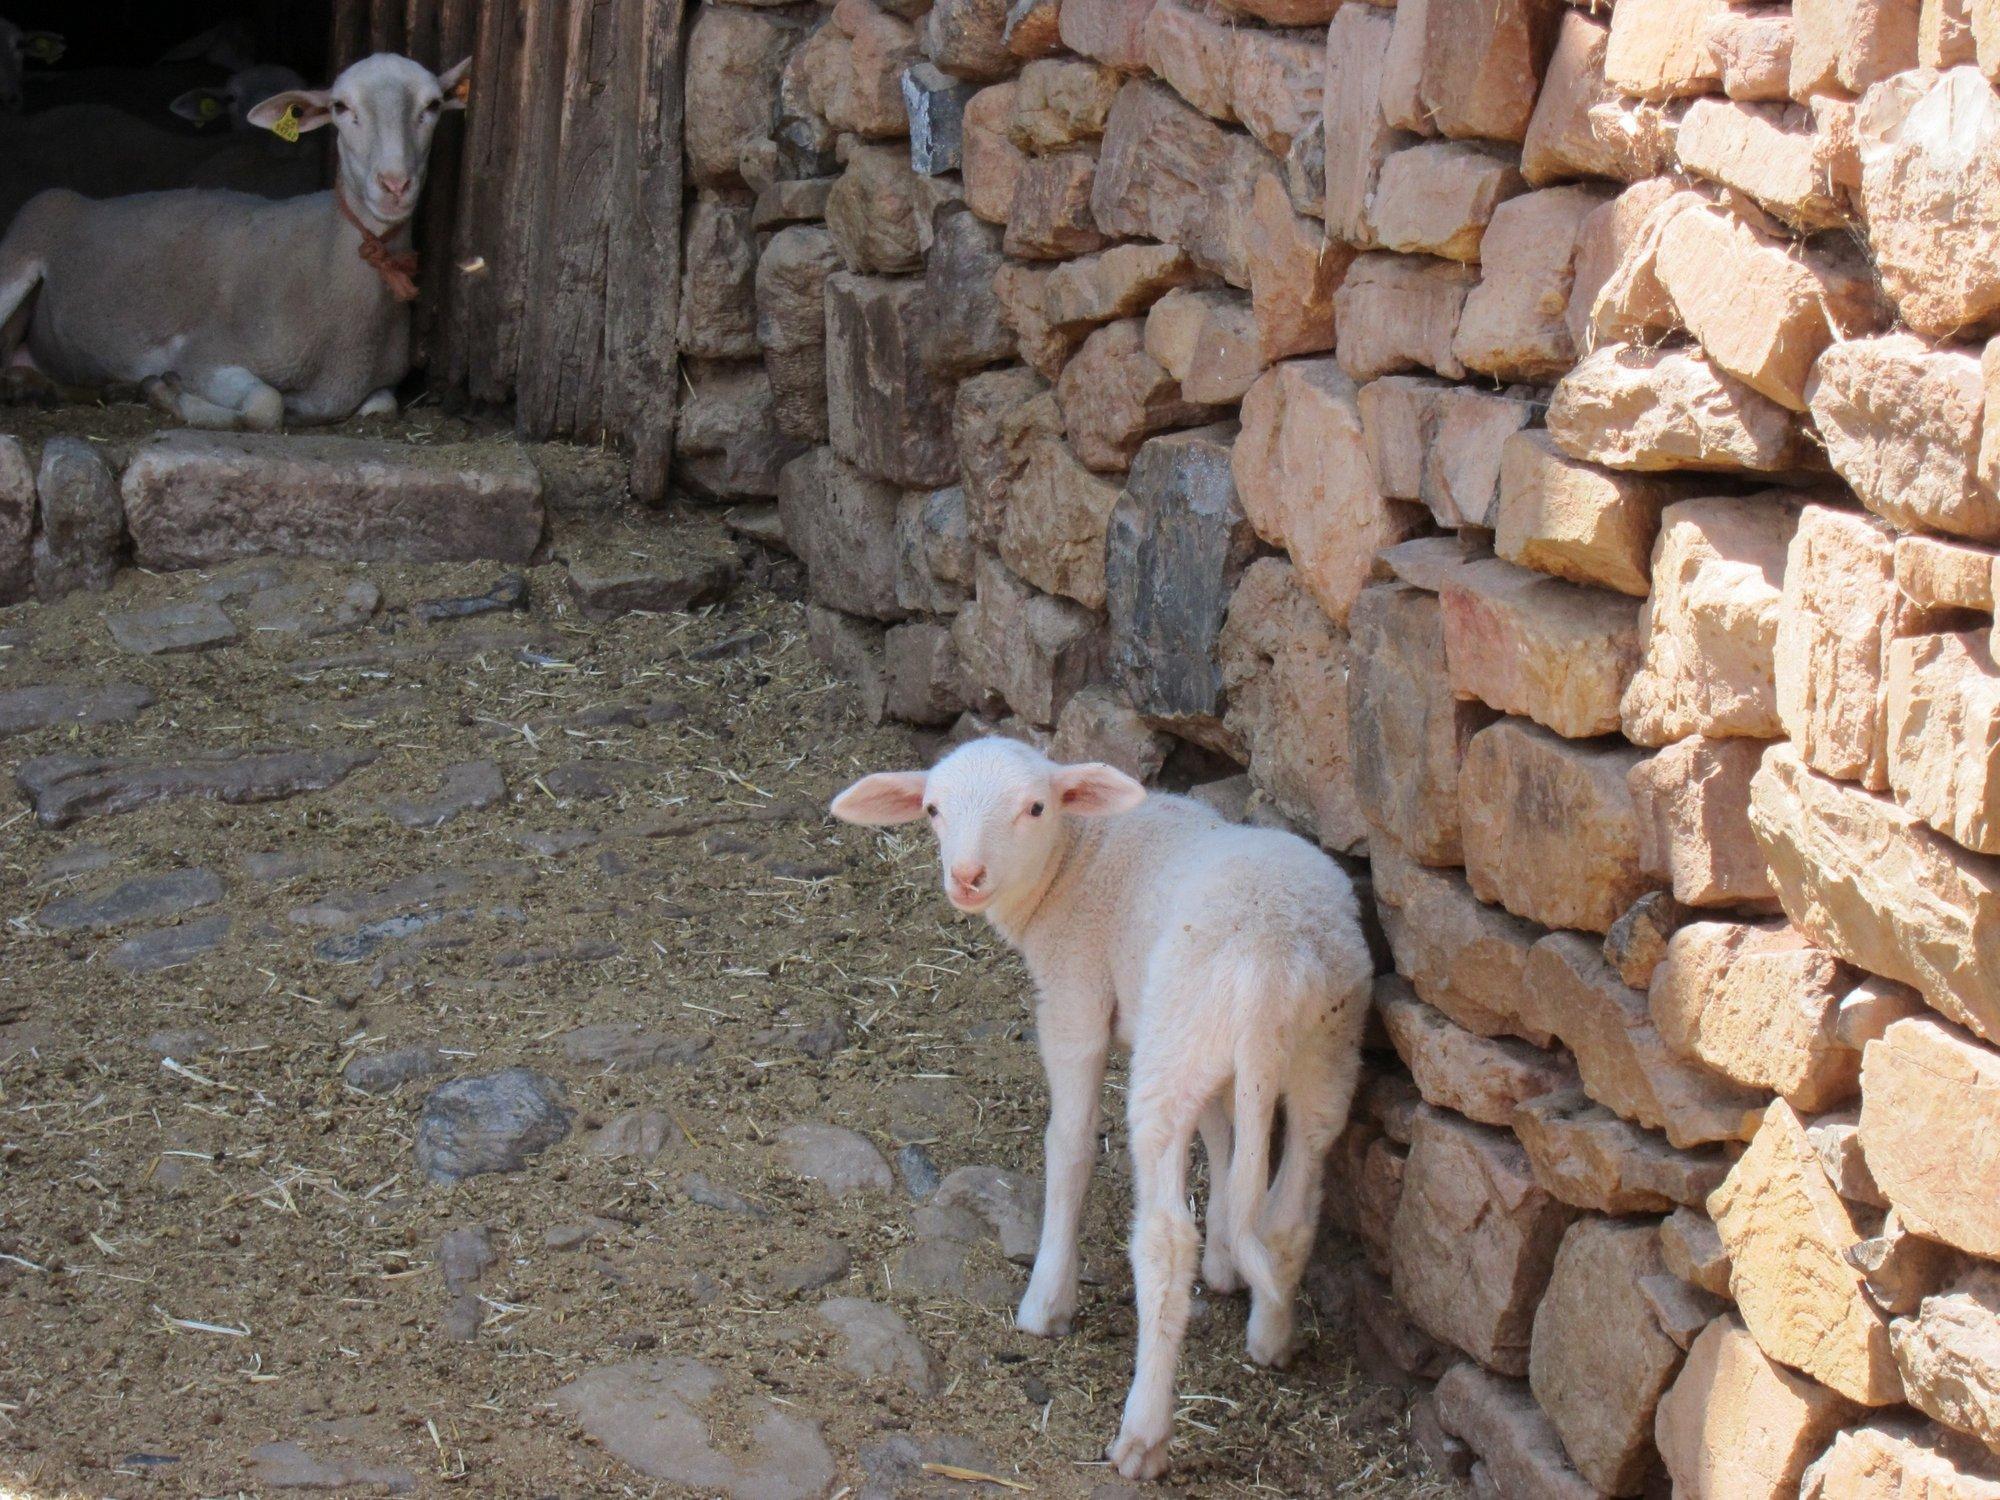 El Govern pagará la ayuda a la producción de ovino y cabruno por 800.000 euros